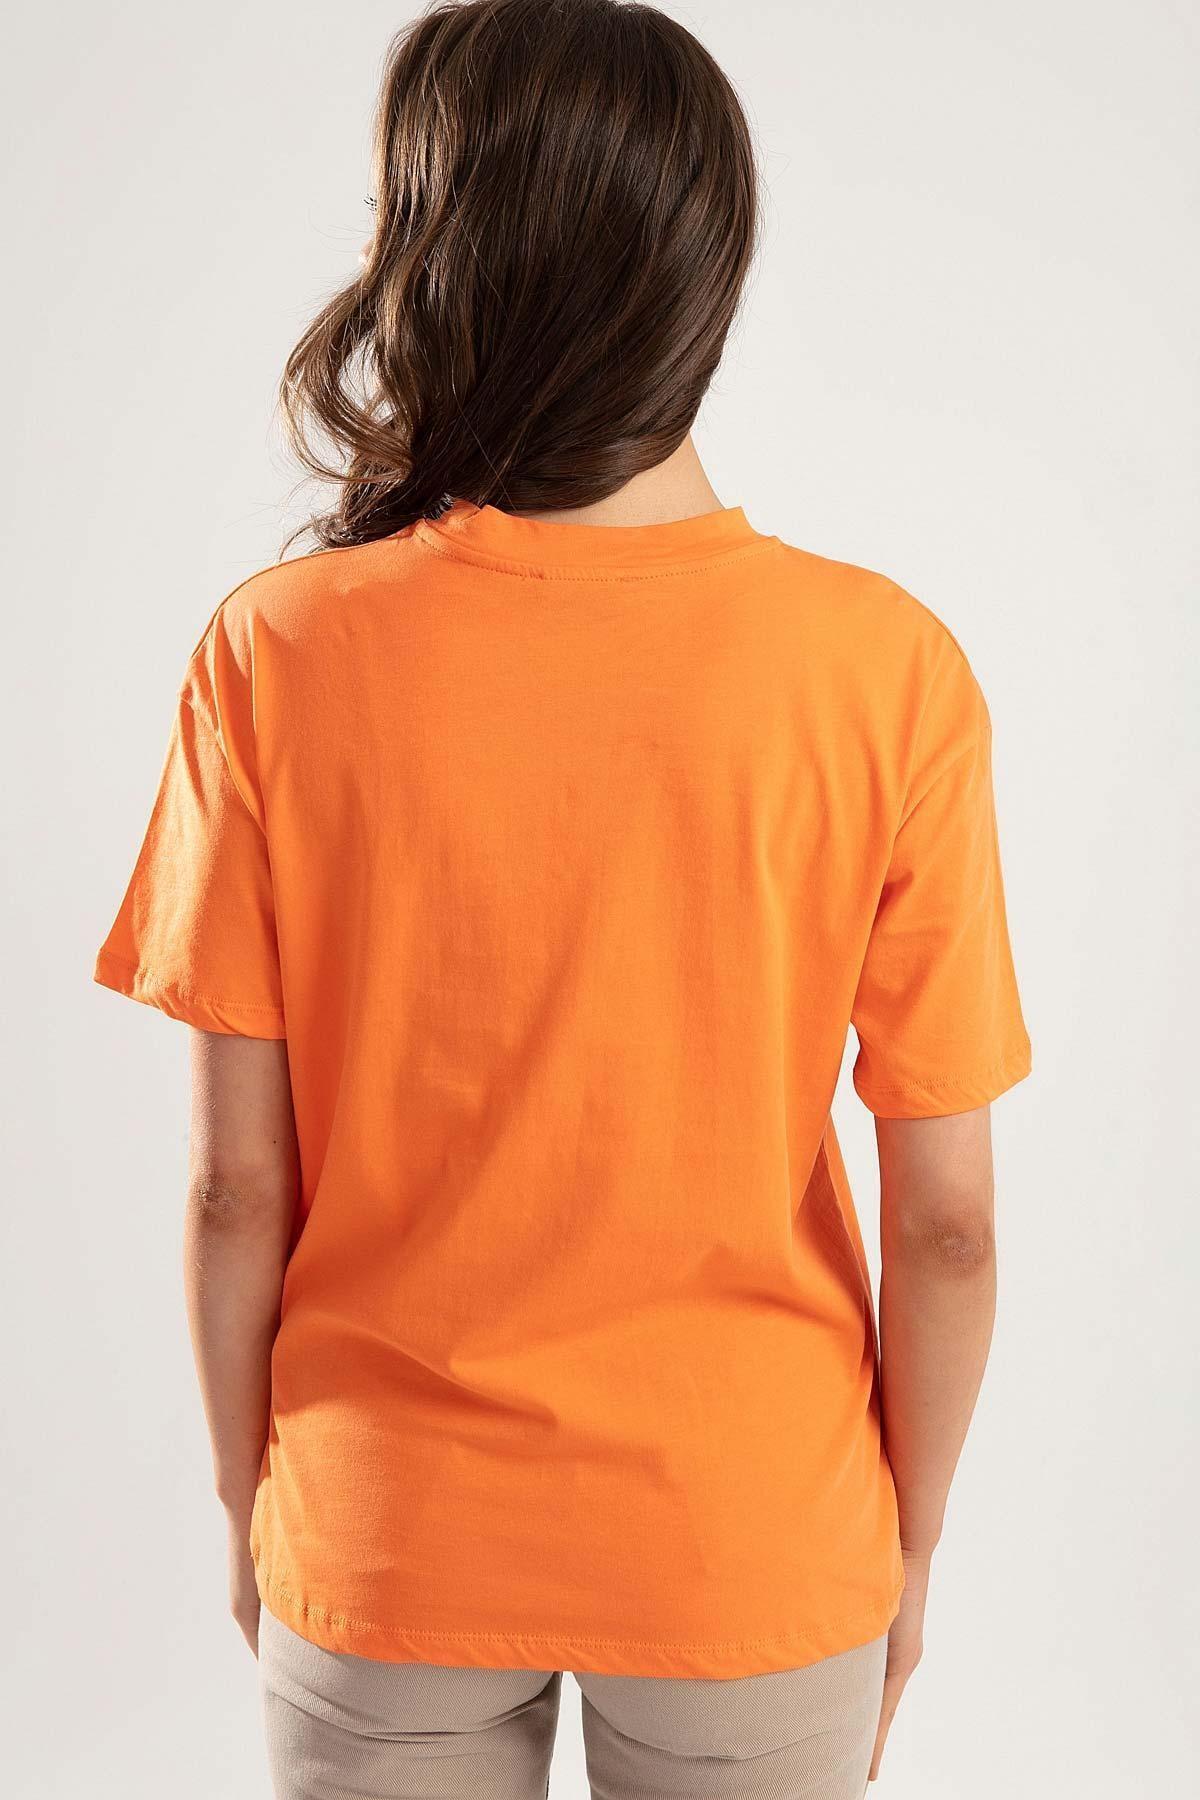 Pattaya Kadın Turuncu Dik Yaka Basic Tişört PTTY20S-701